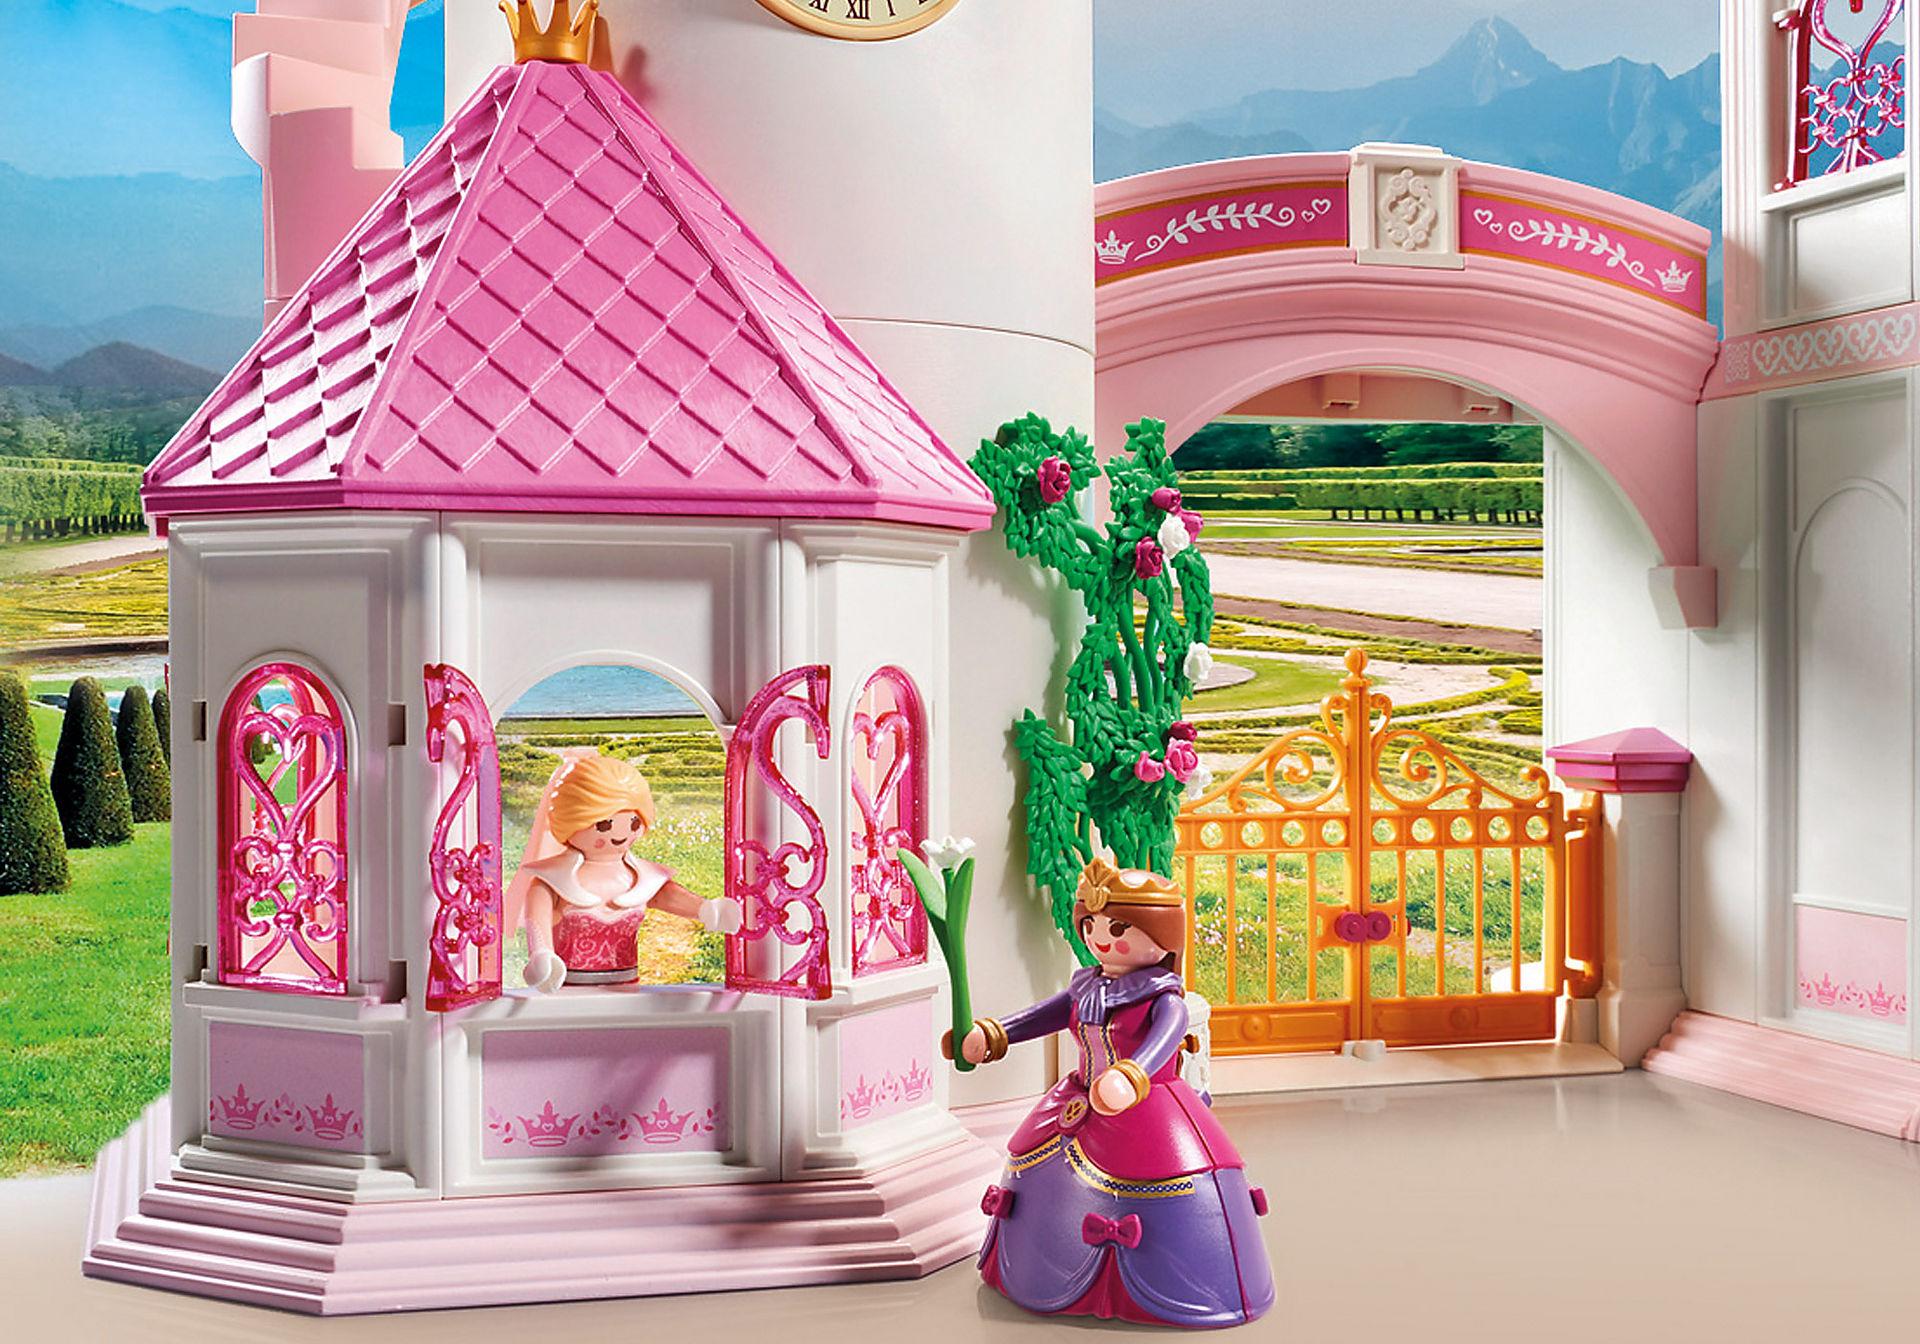 70447 Duży zamek księżniczki zoom image4